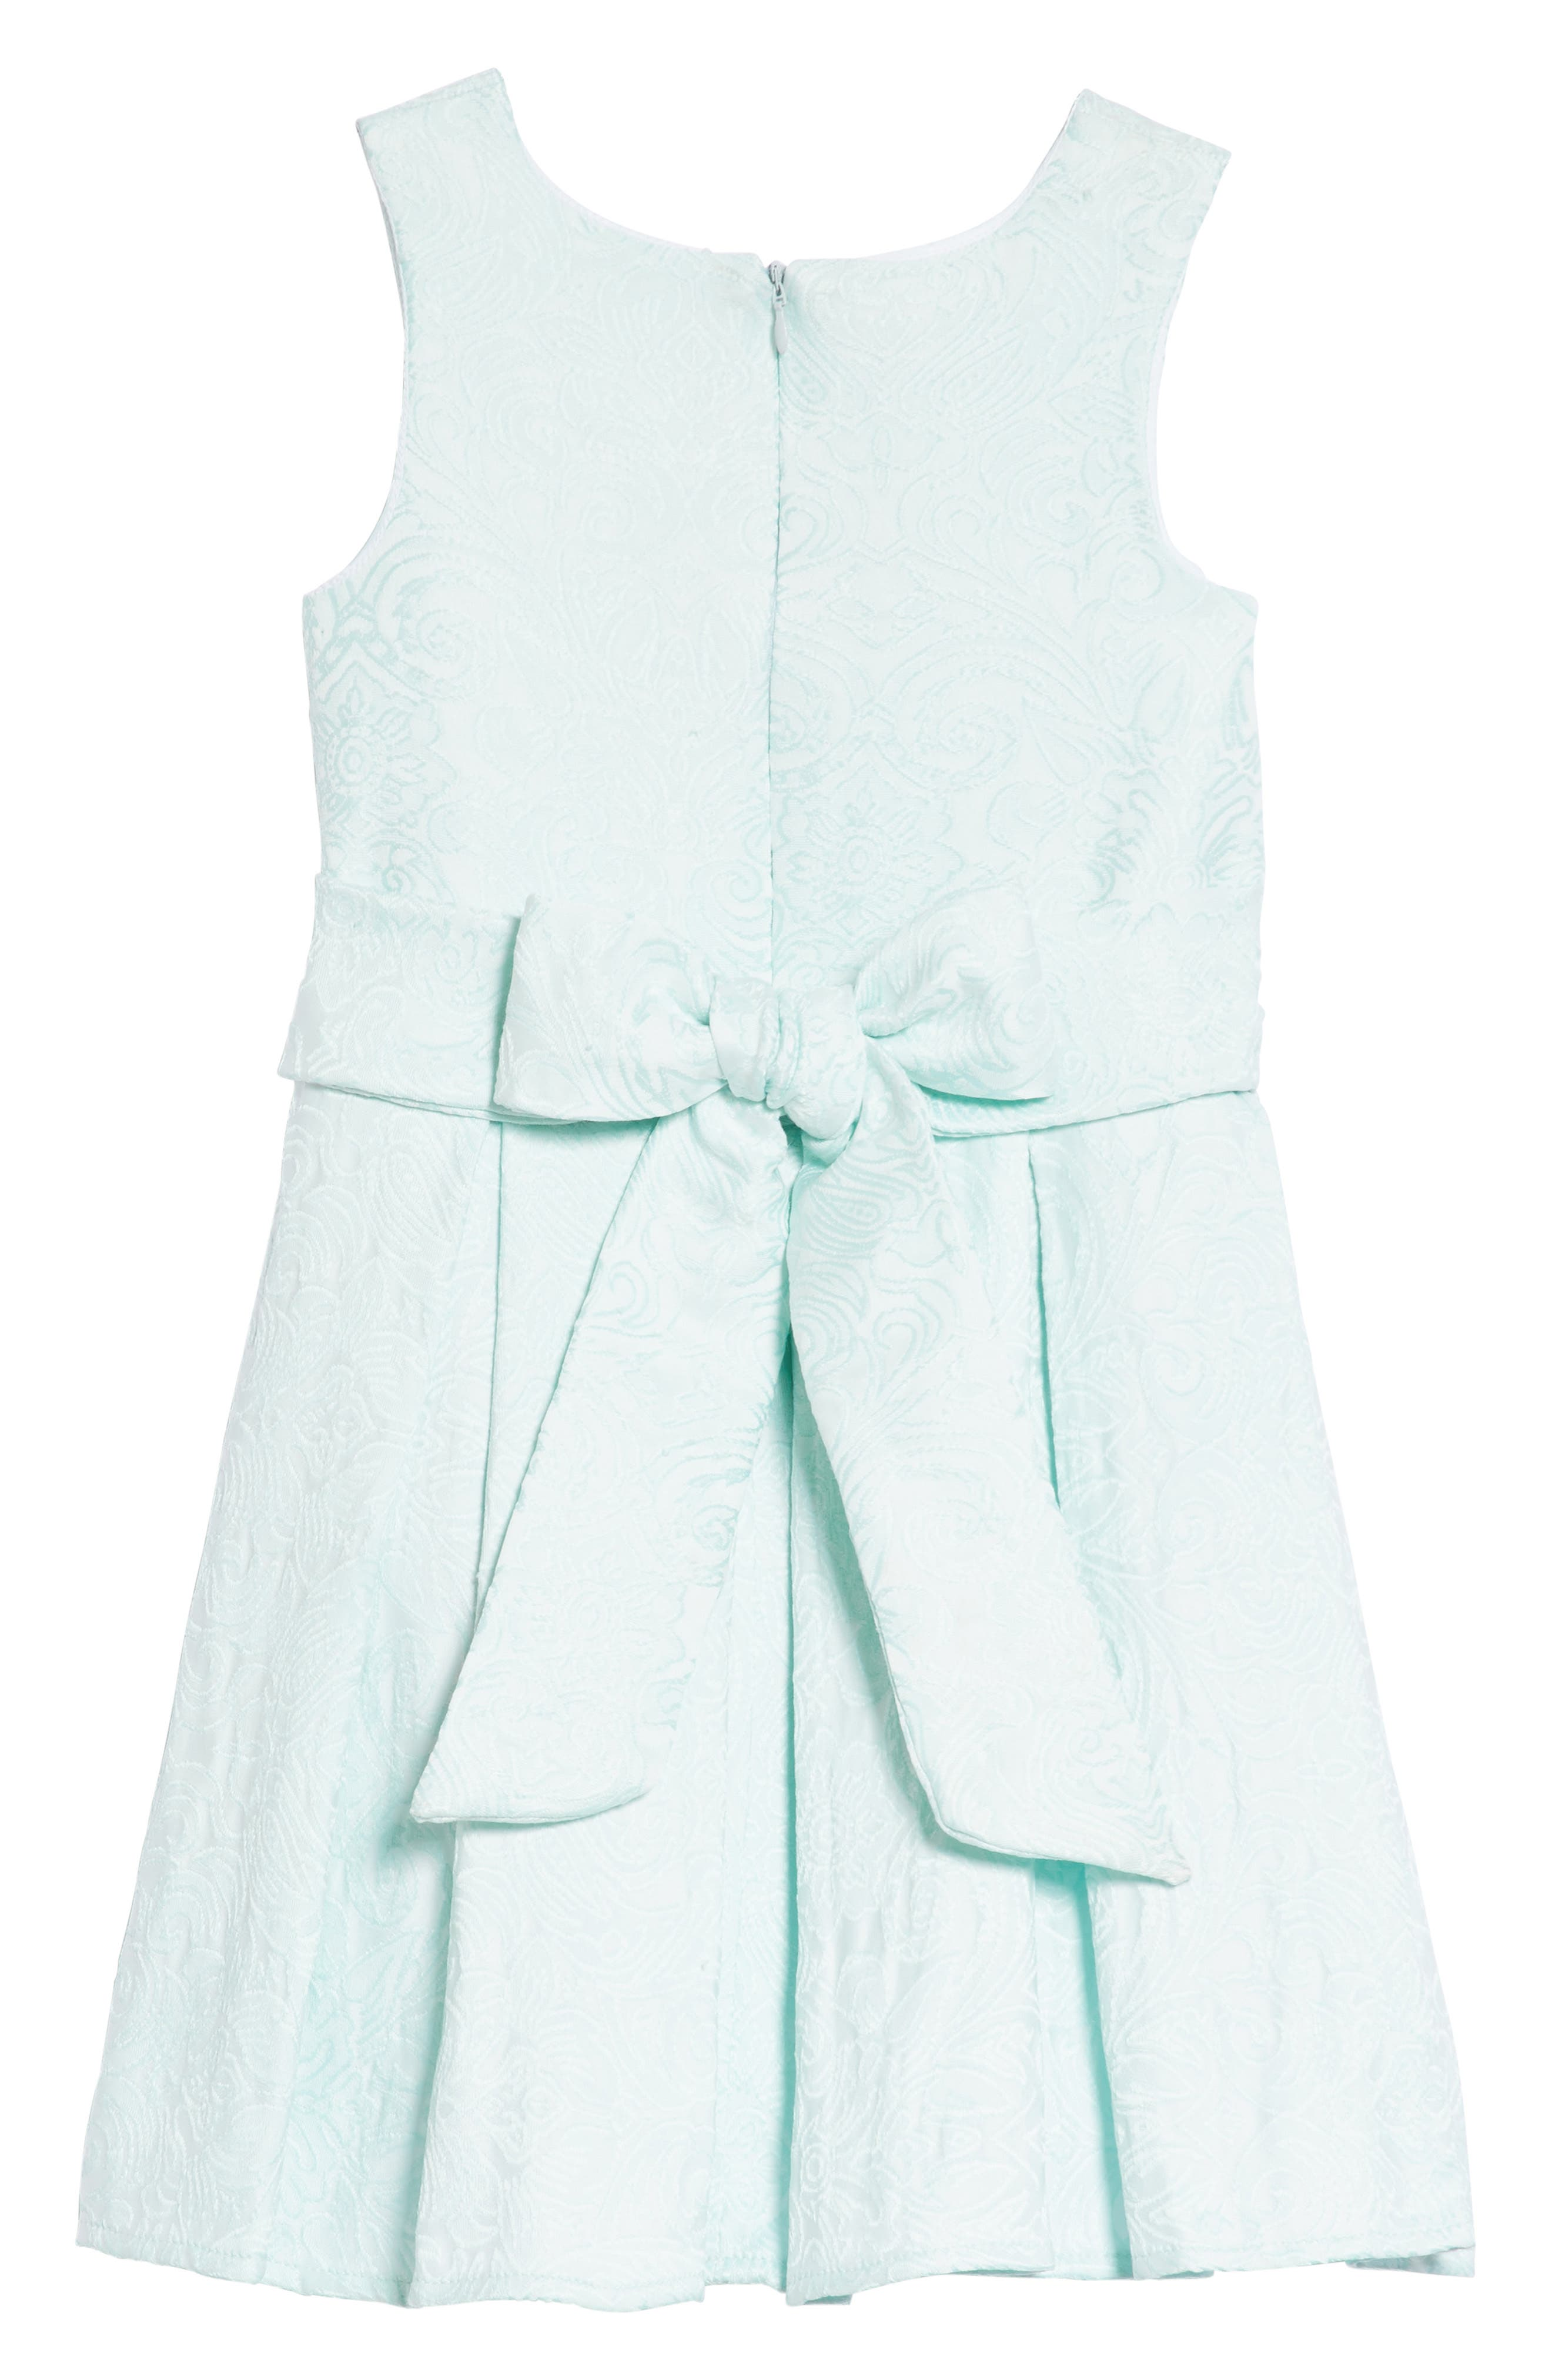 Megan Jacquard Dress,                             Alternate thumbnail 2, color,                             402